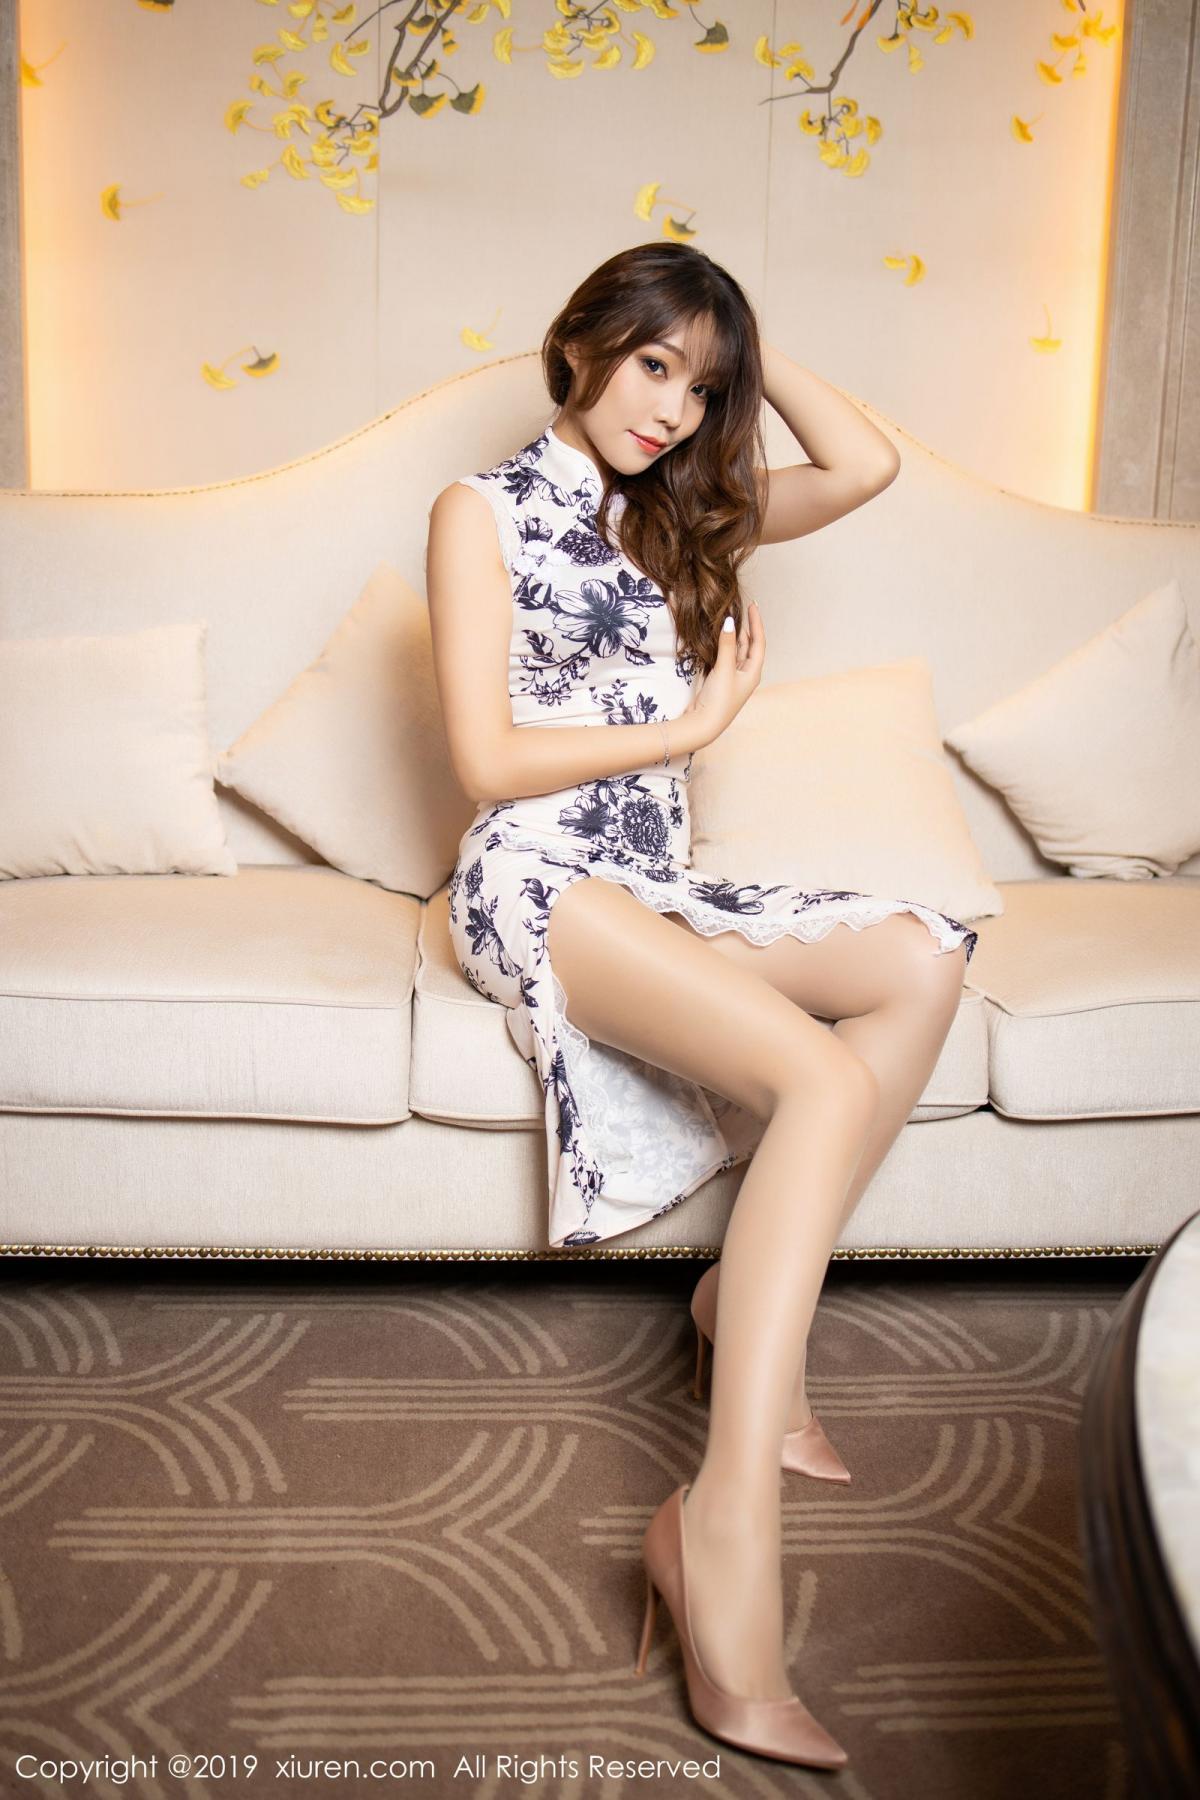 [XiuRen] Vol.1622 Chen Zhi 11P, Chen Zhi, Cheongsam, Underwear, Xiuren